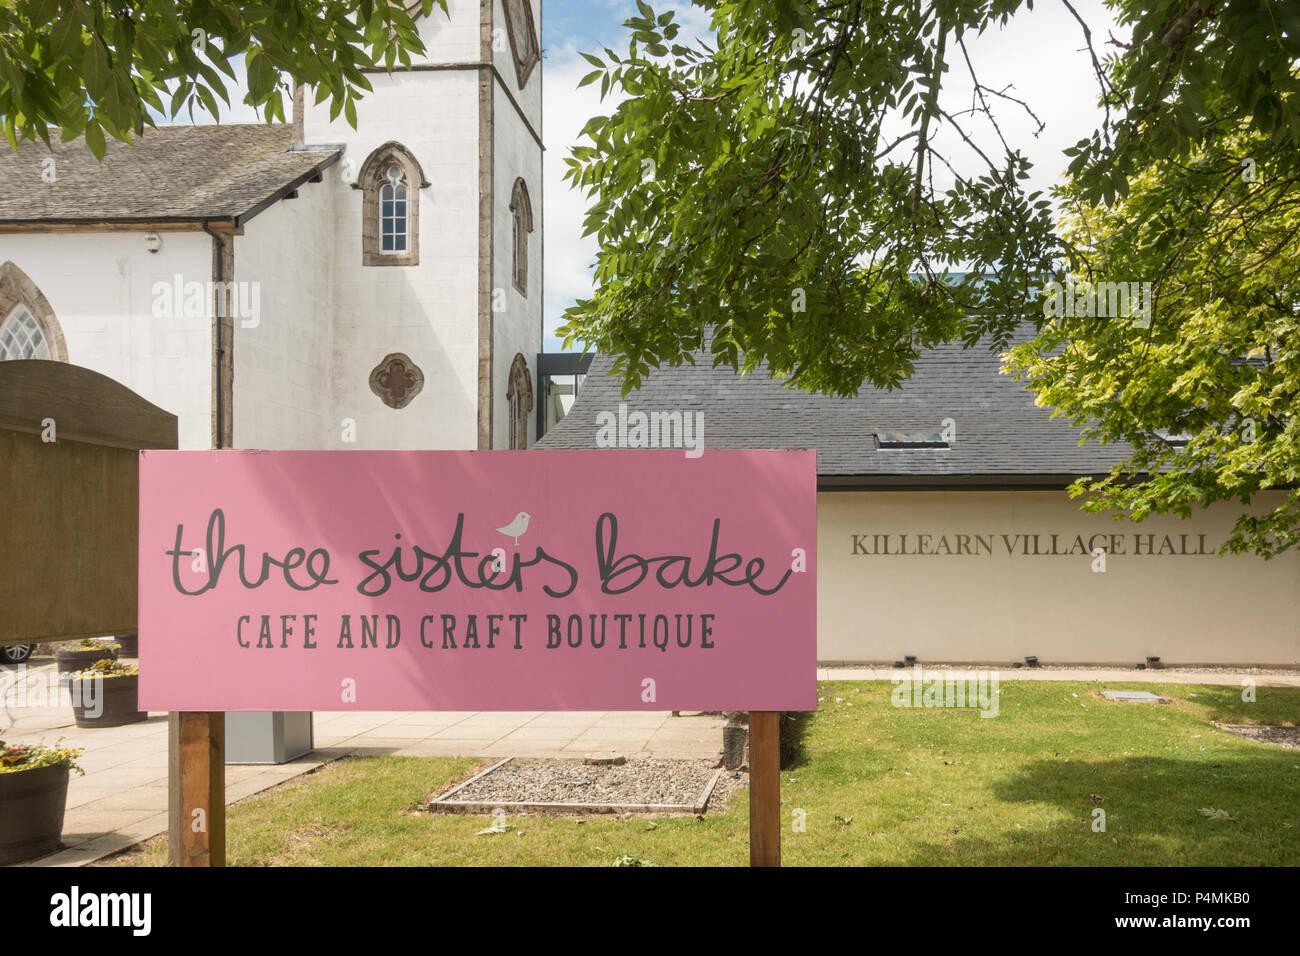 Le tre sorelle cuocere cafe, a Killearn, Stirlingshire, Scotland, Regno Unito Immagini Stock